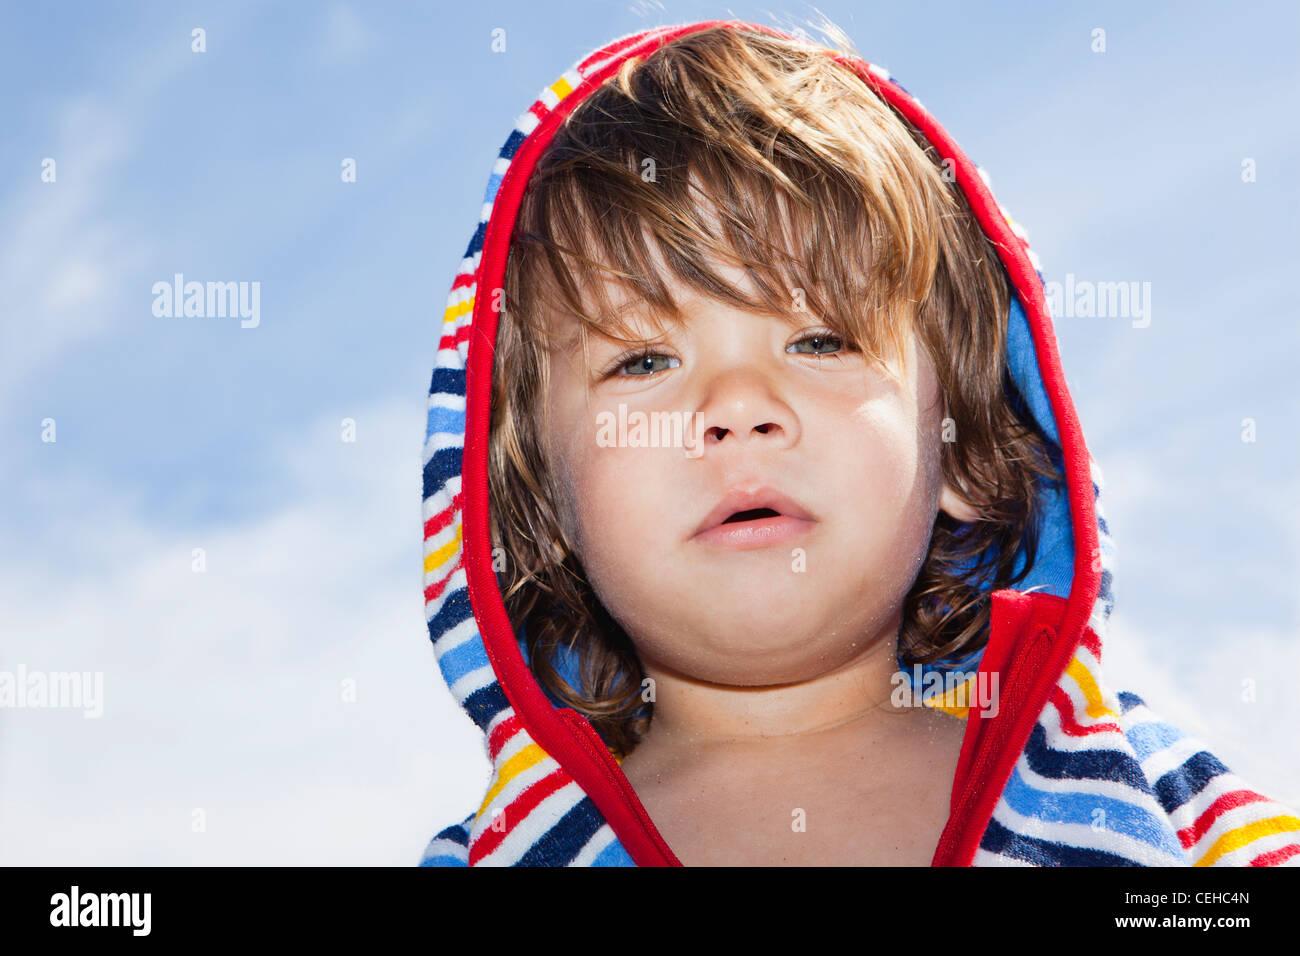 Outdoor Ritratto di bambino Immagini Stock